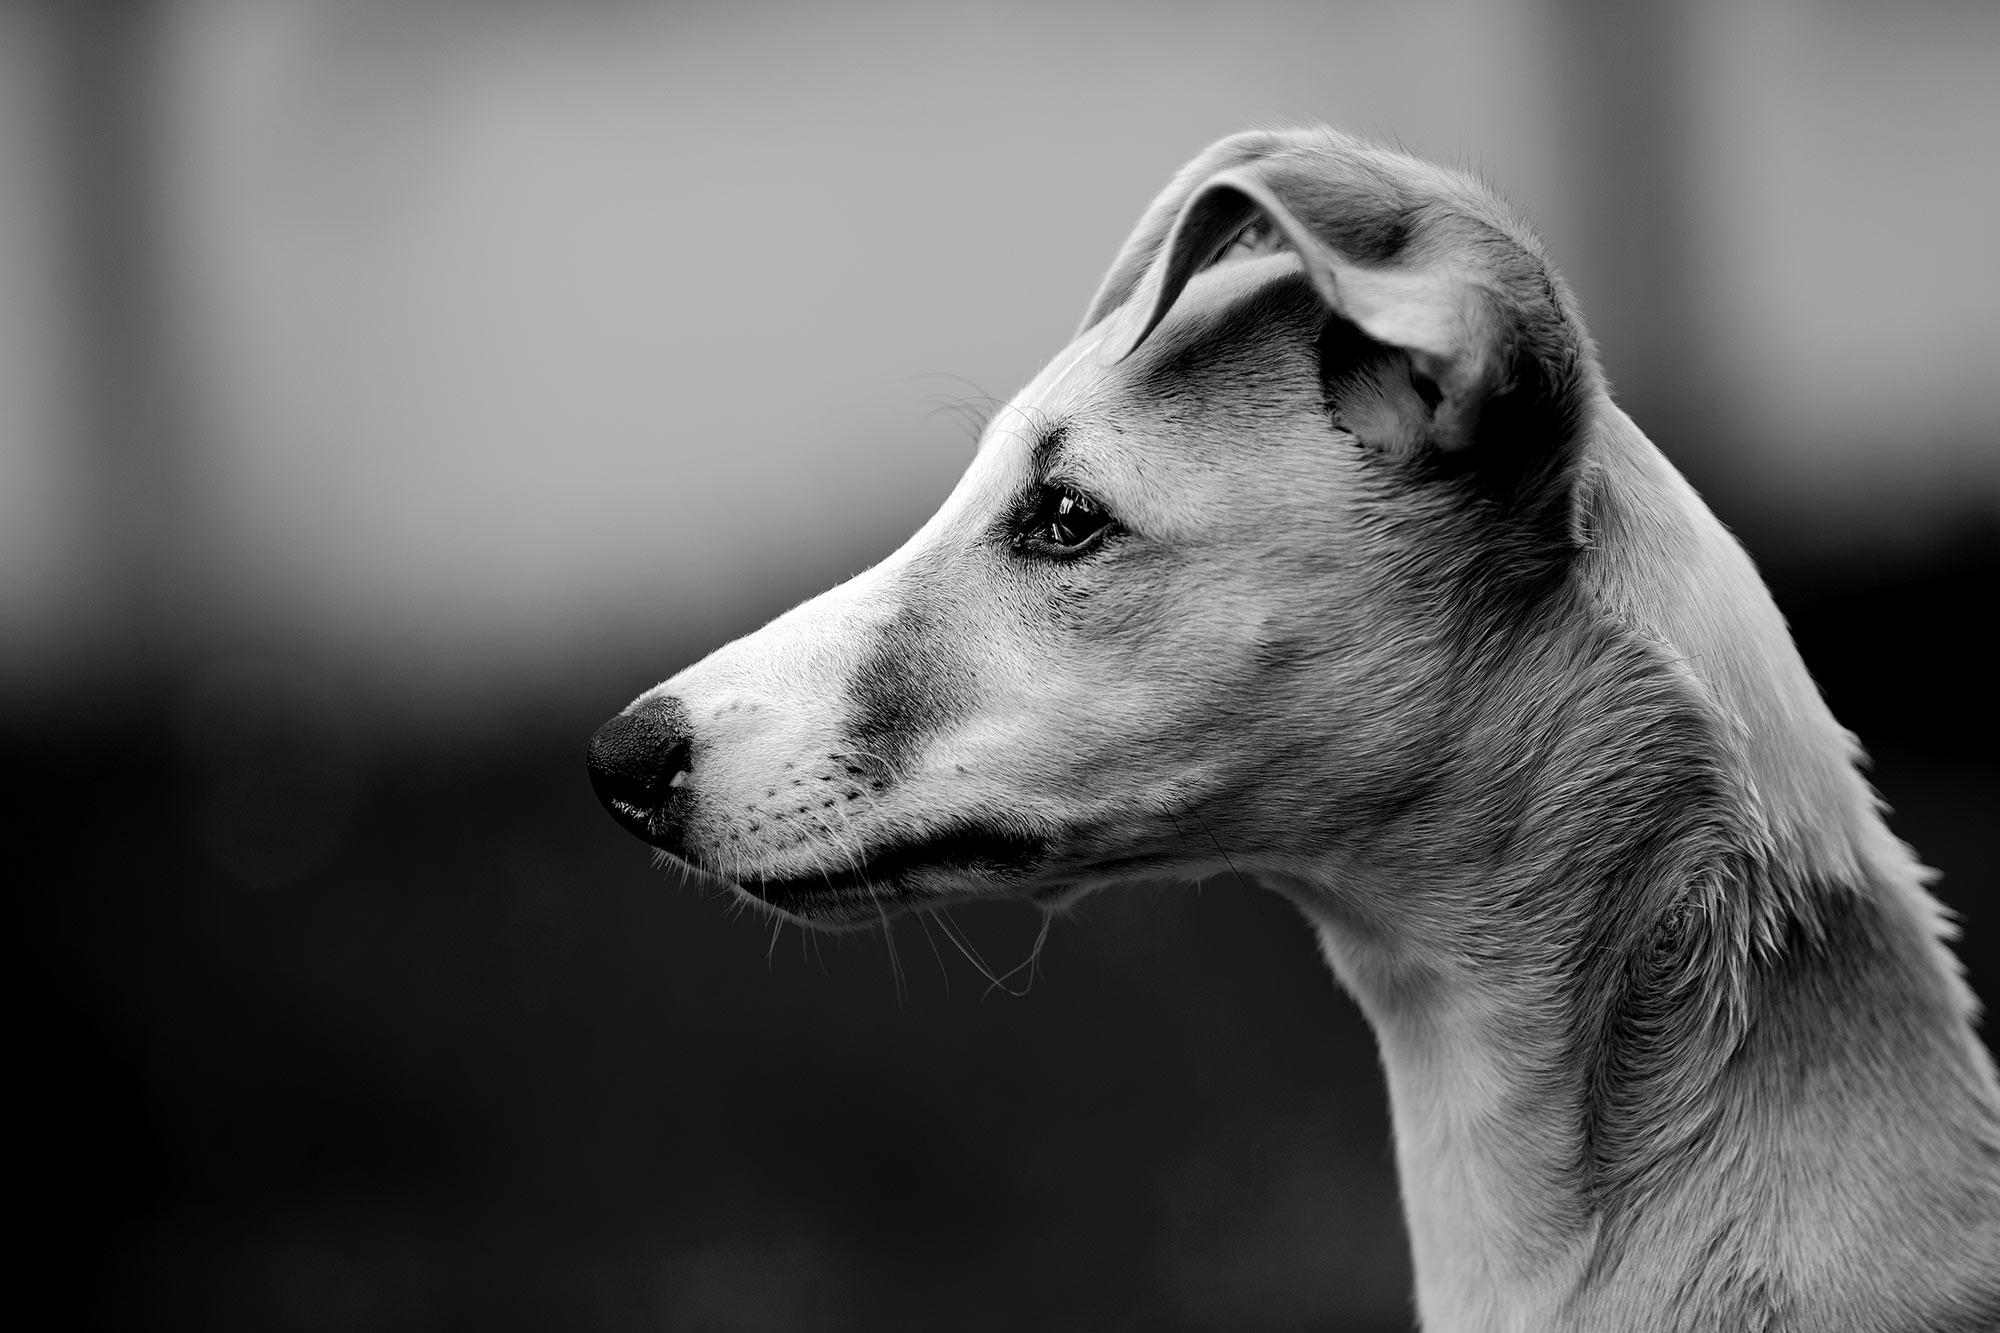 Hupsi ist kackendreist, testet jede erdenkliche Grenze, ist verfressen wie ein weißer Hai. Doch wenn ich oder die erwachsenen Hunde ihm eine Grenze stecken, versteht er sofort. Er ist ein schlauer Hund, der rasend schnell lernt, wenn er will.